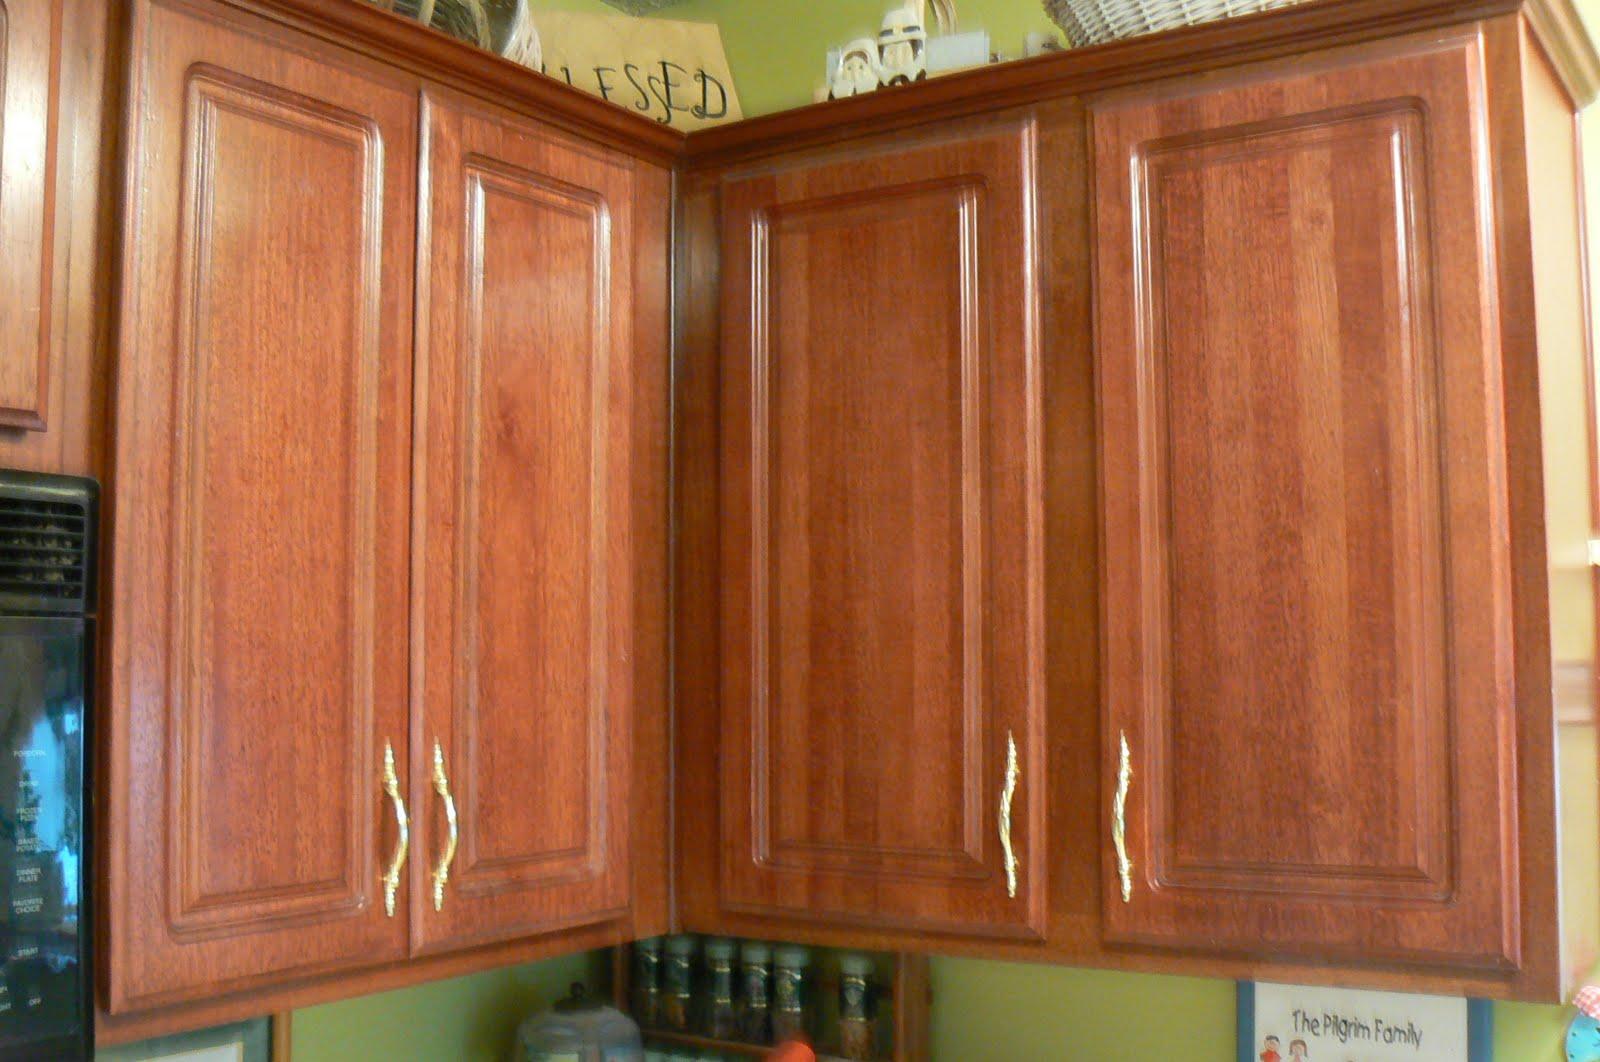 kitchen cabinets phoenix kitchen cabinets phoenix craigslist kitchen cabinets phoenix elegant craigslist phoenix